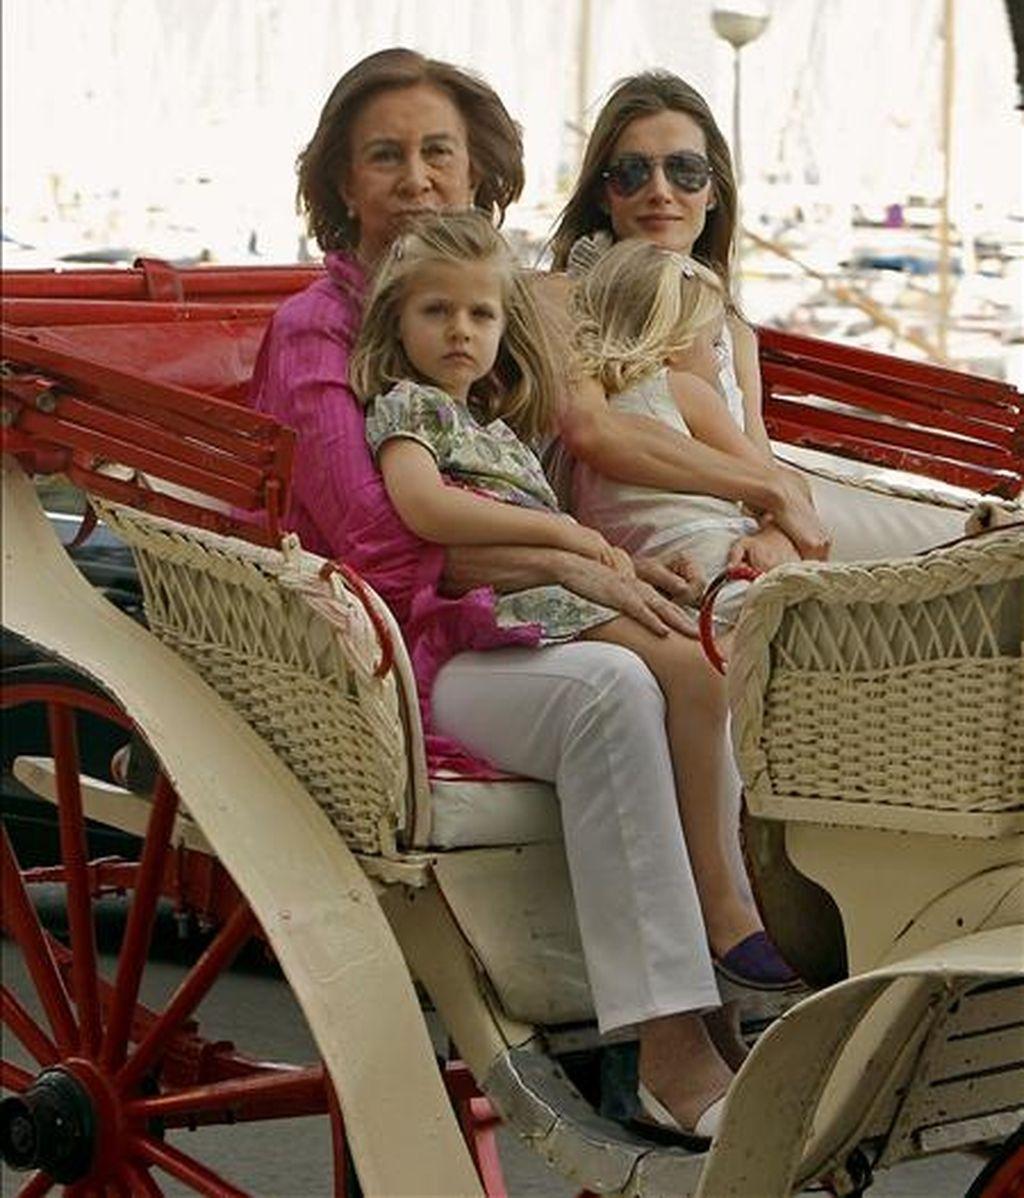 La Reina Sofía, acompañada por la princesa Letizia y las infantas Leonor y Sofía, durante el paseo en calesa que han realizado esta tarde por las calles de Palma de Mallorca. EFE